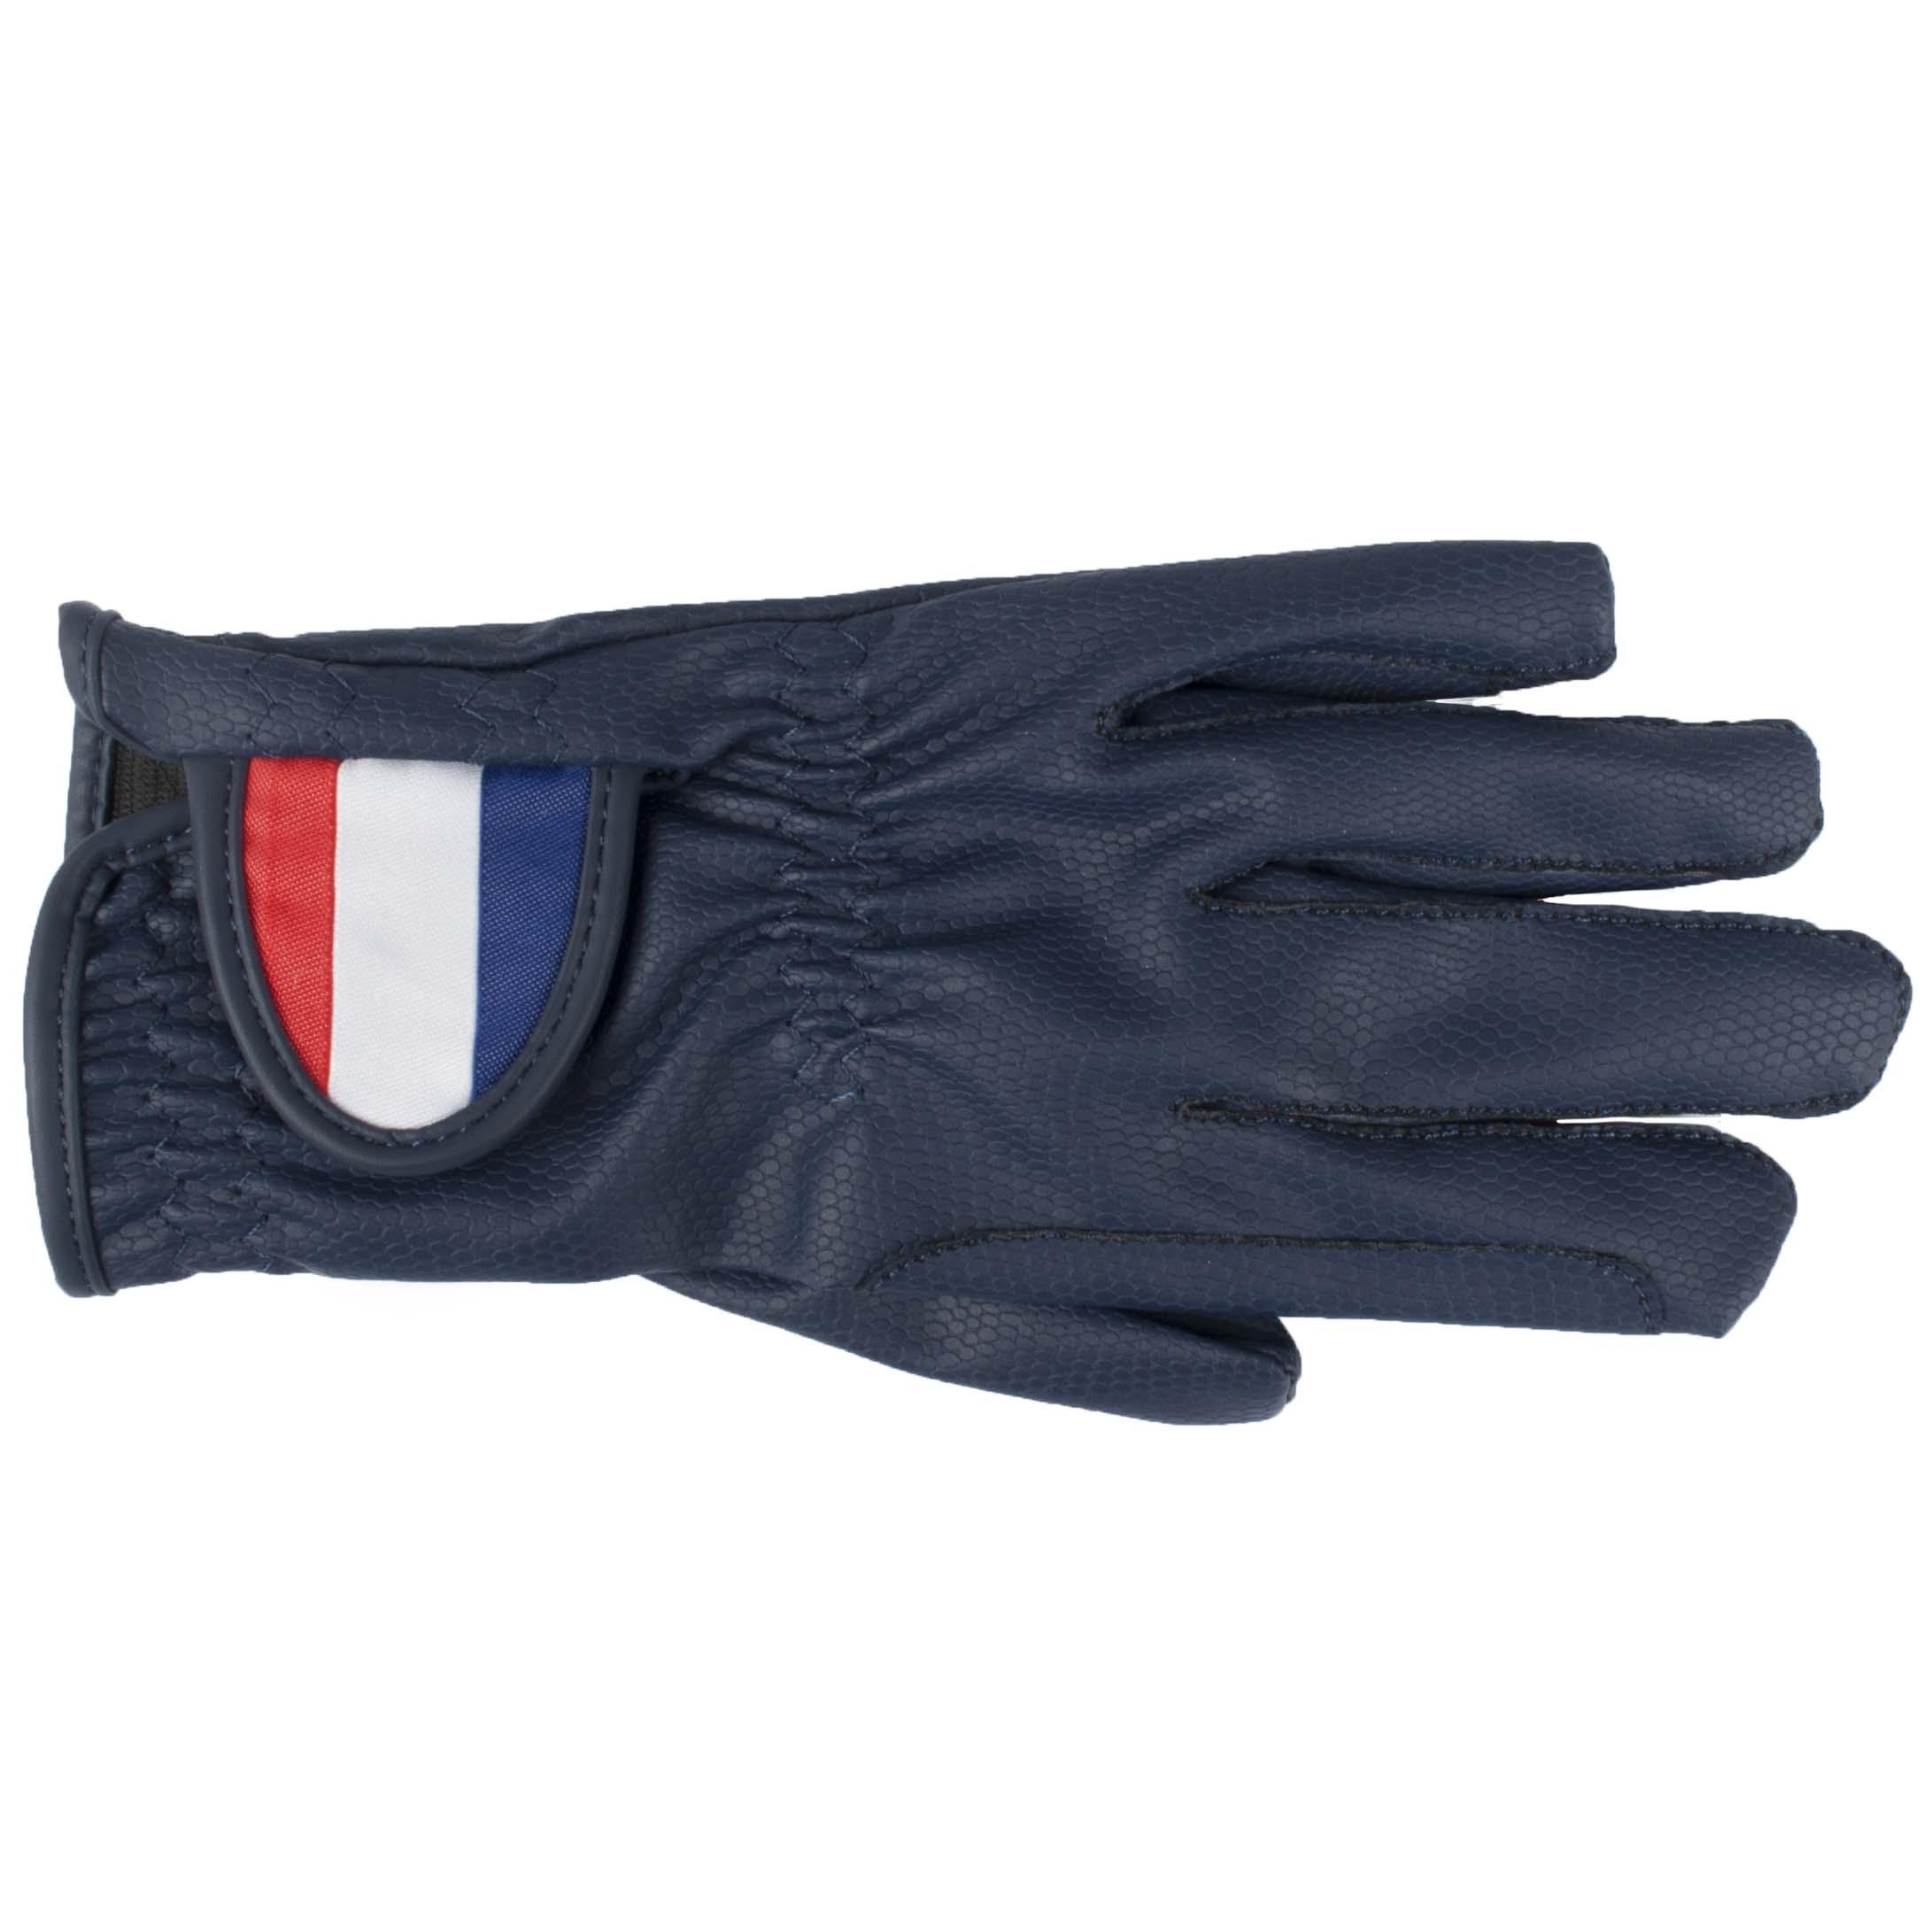 Mondoni Netherlands handschoenen donkerblauw maat:6